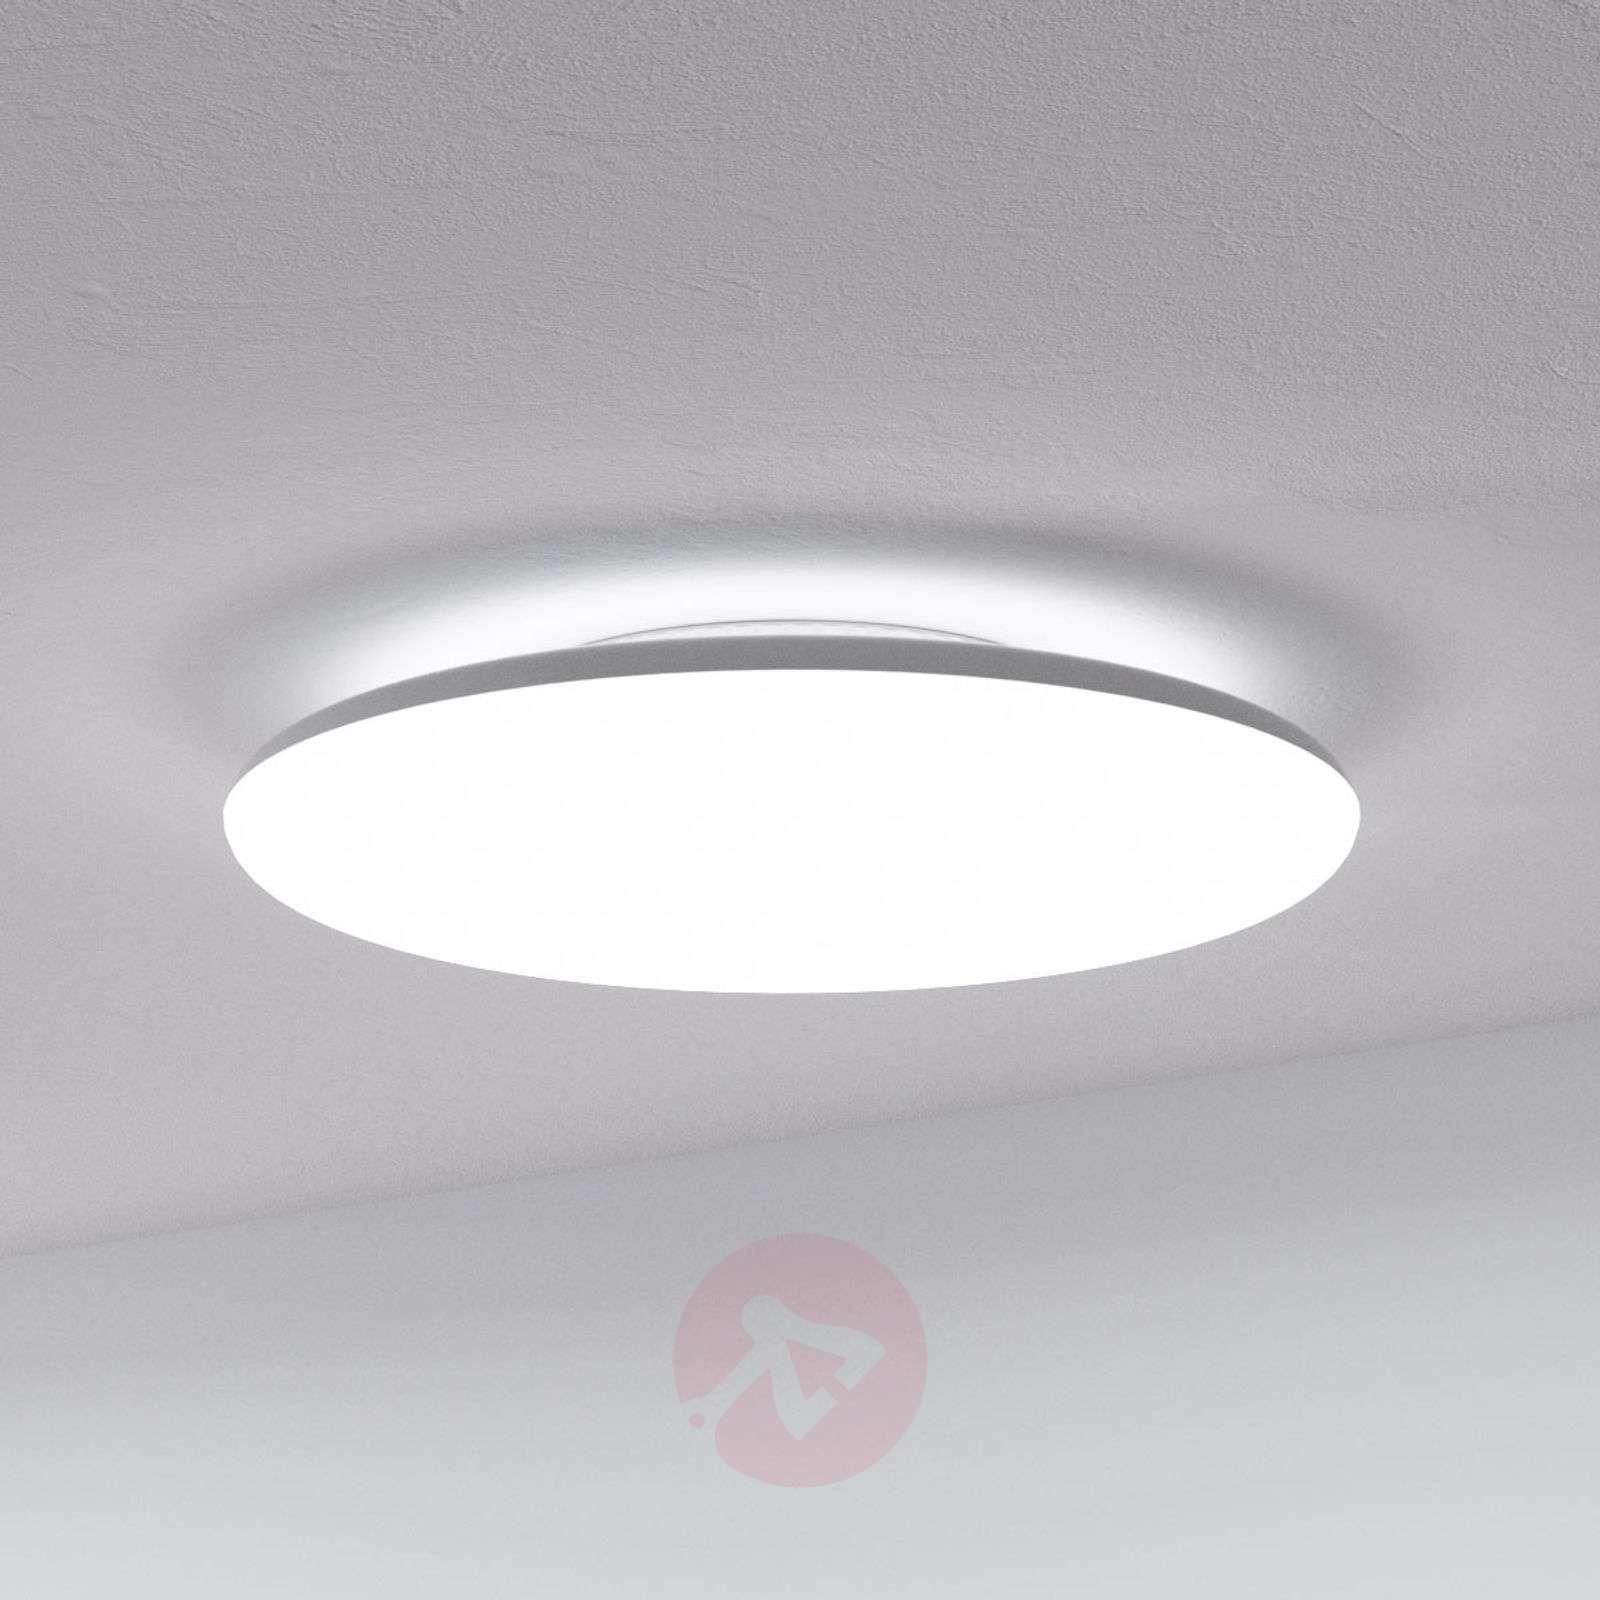 LED-kattovalaisin Jon perusvalkoinen pyöreä 24 W-9642015-05